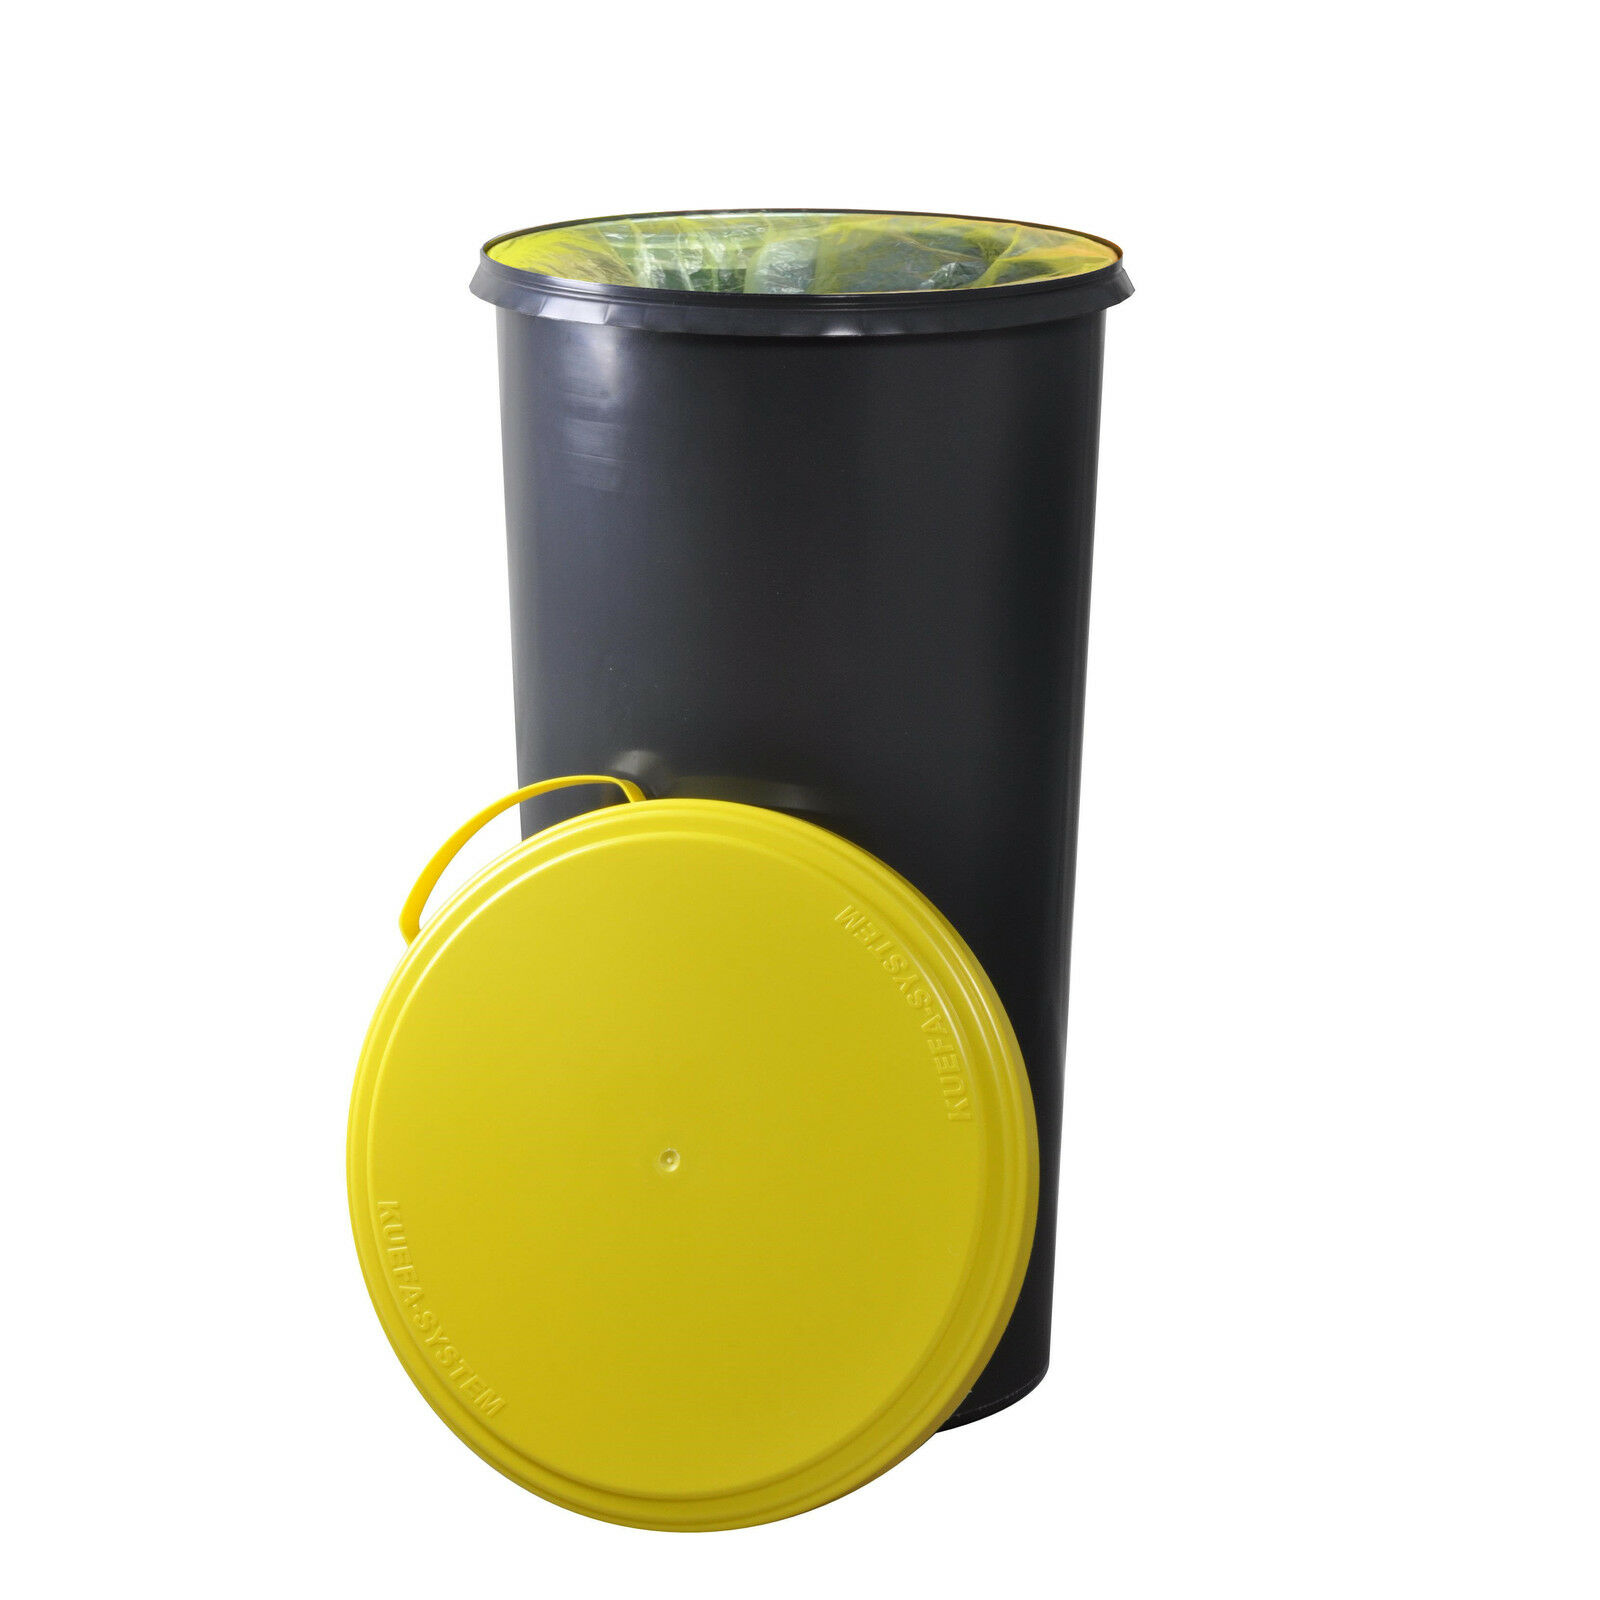 KUEFA VLC 60L Müllsackständer Mülleimer - Gelber Sack Ständer - 2. Wahl